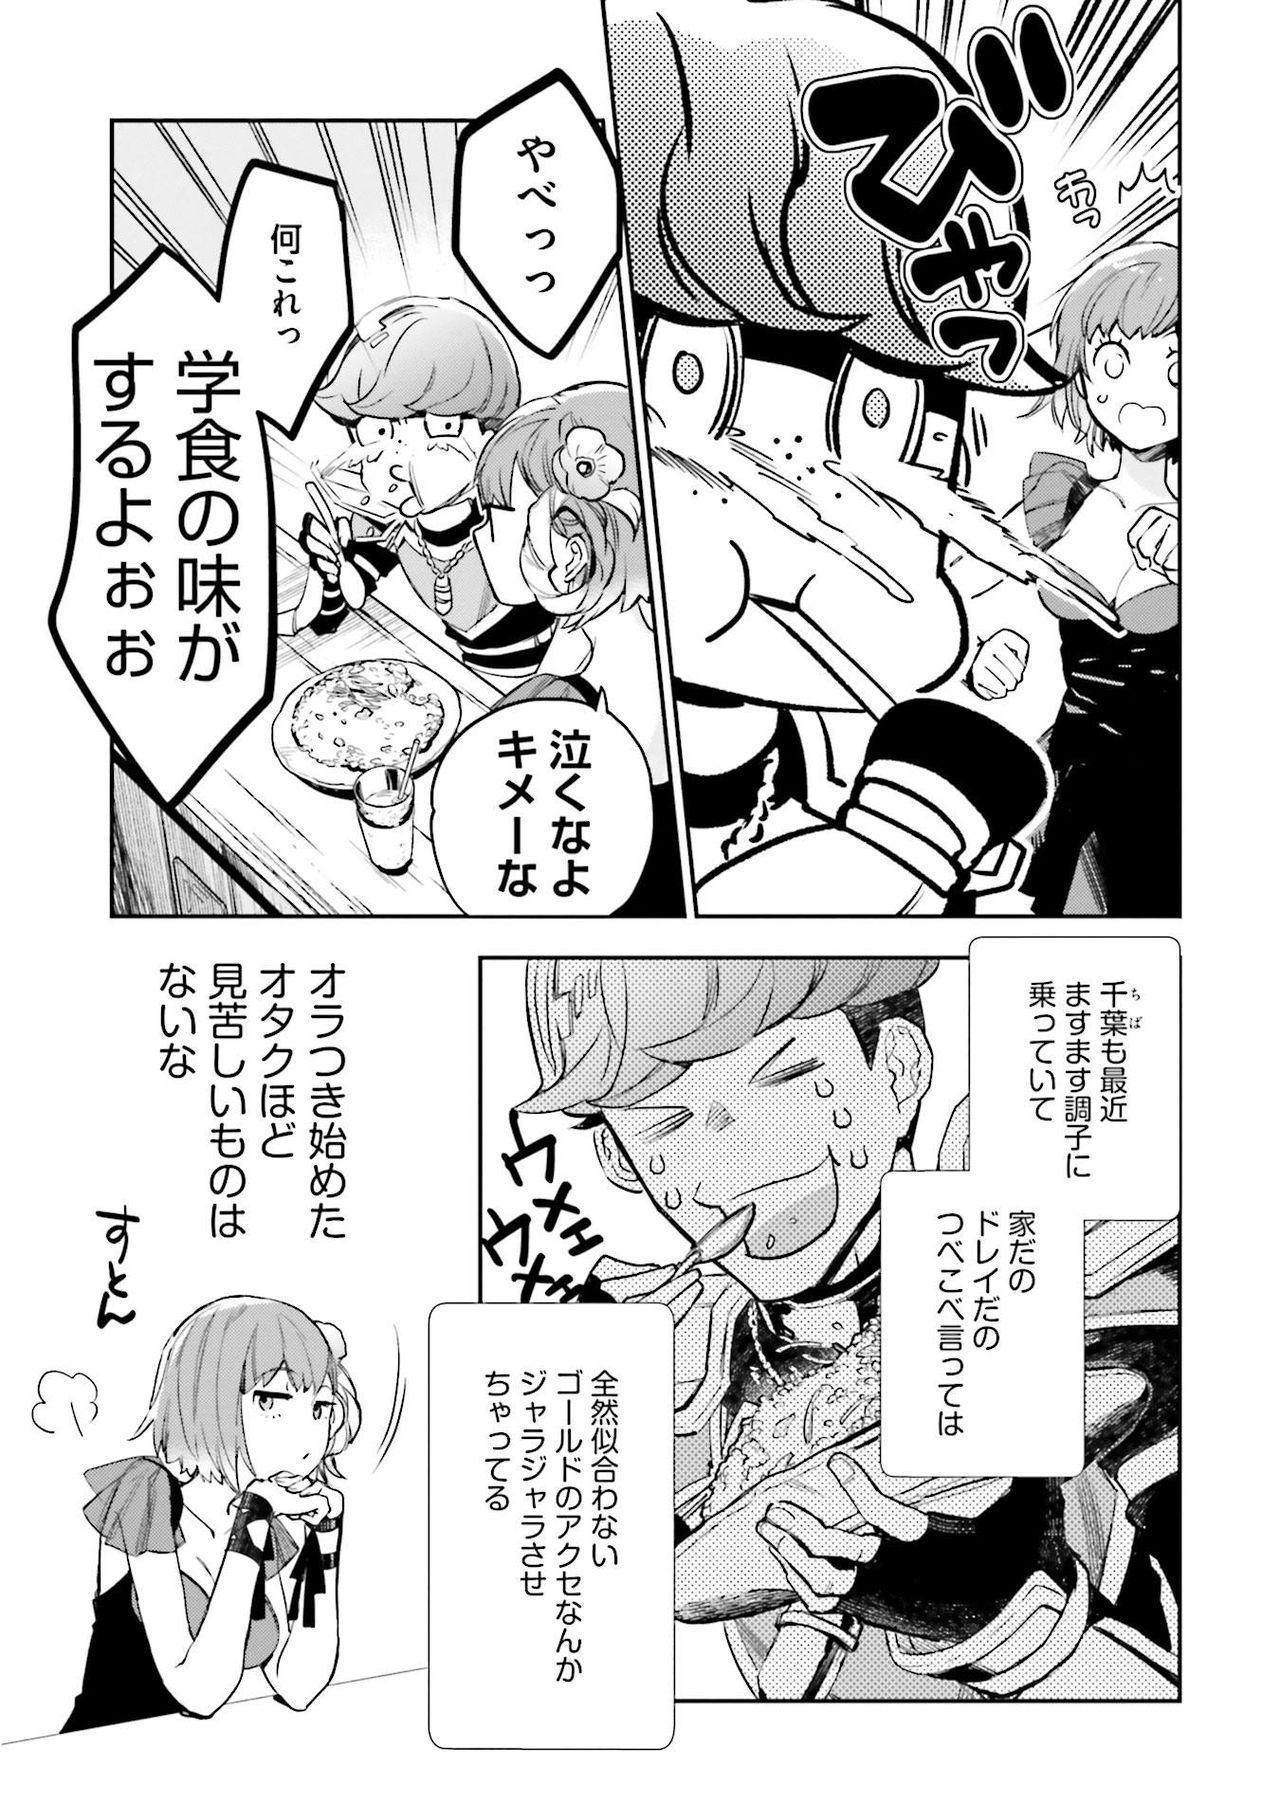 JK Haru wa Isekai de Shoufu ni Natta 1-14 309